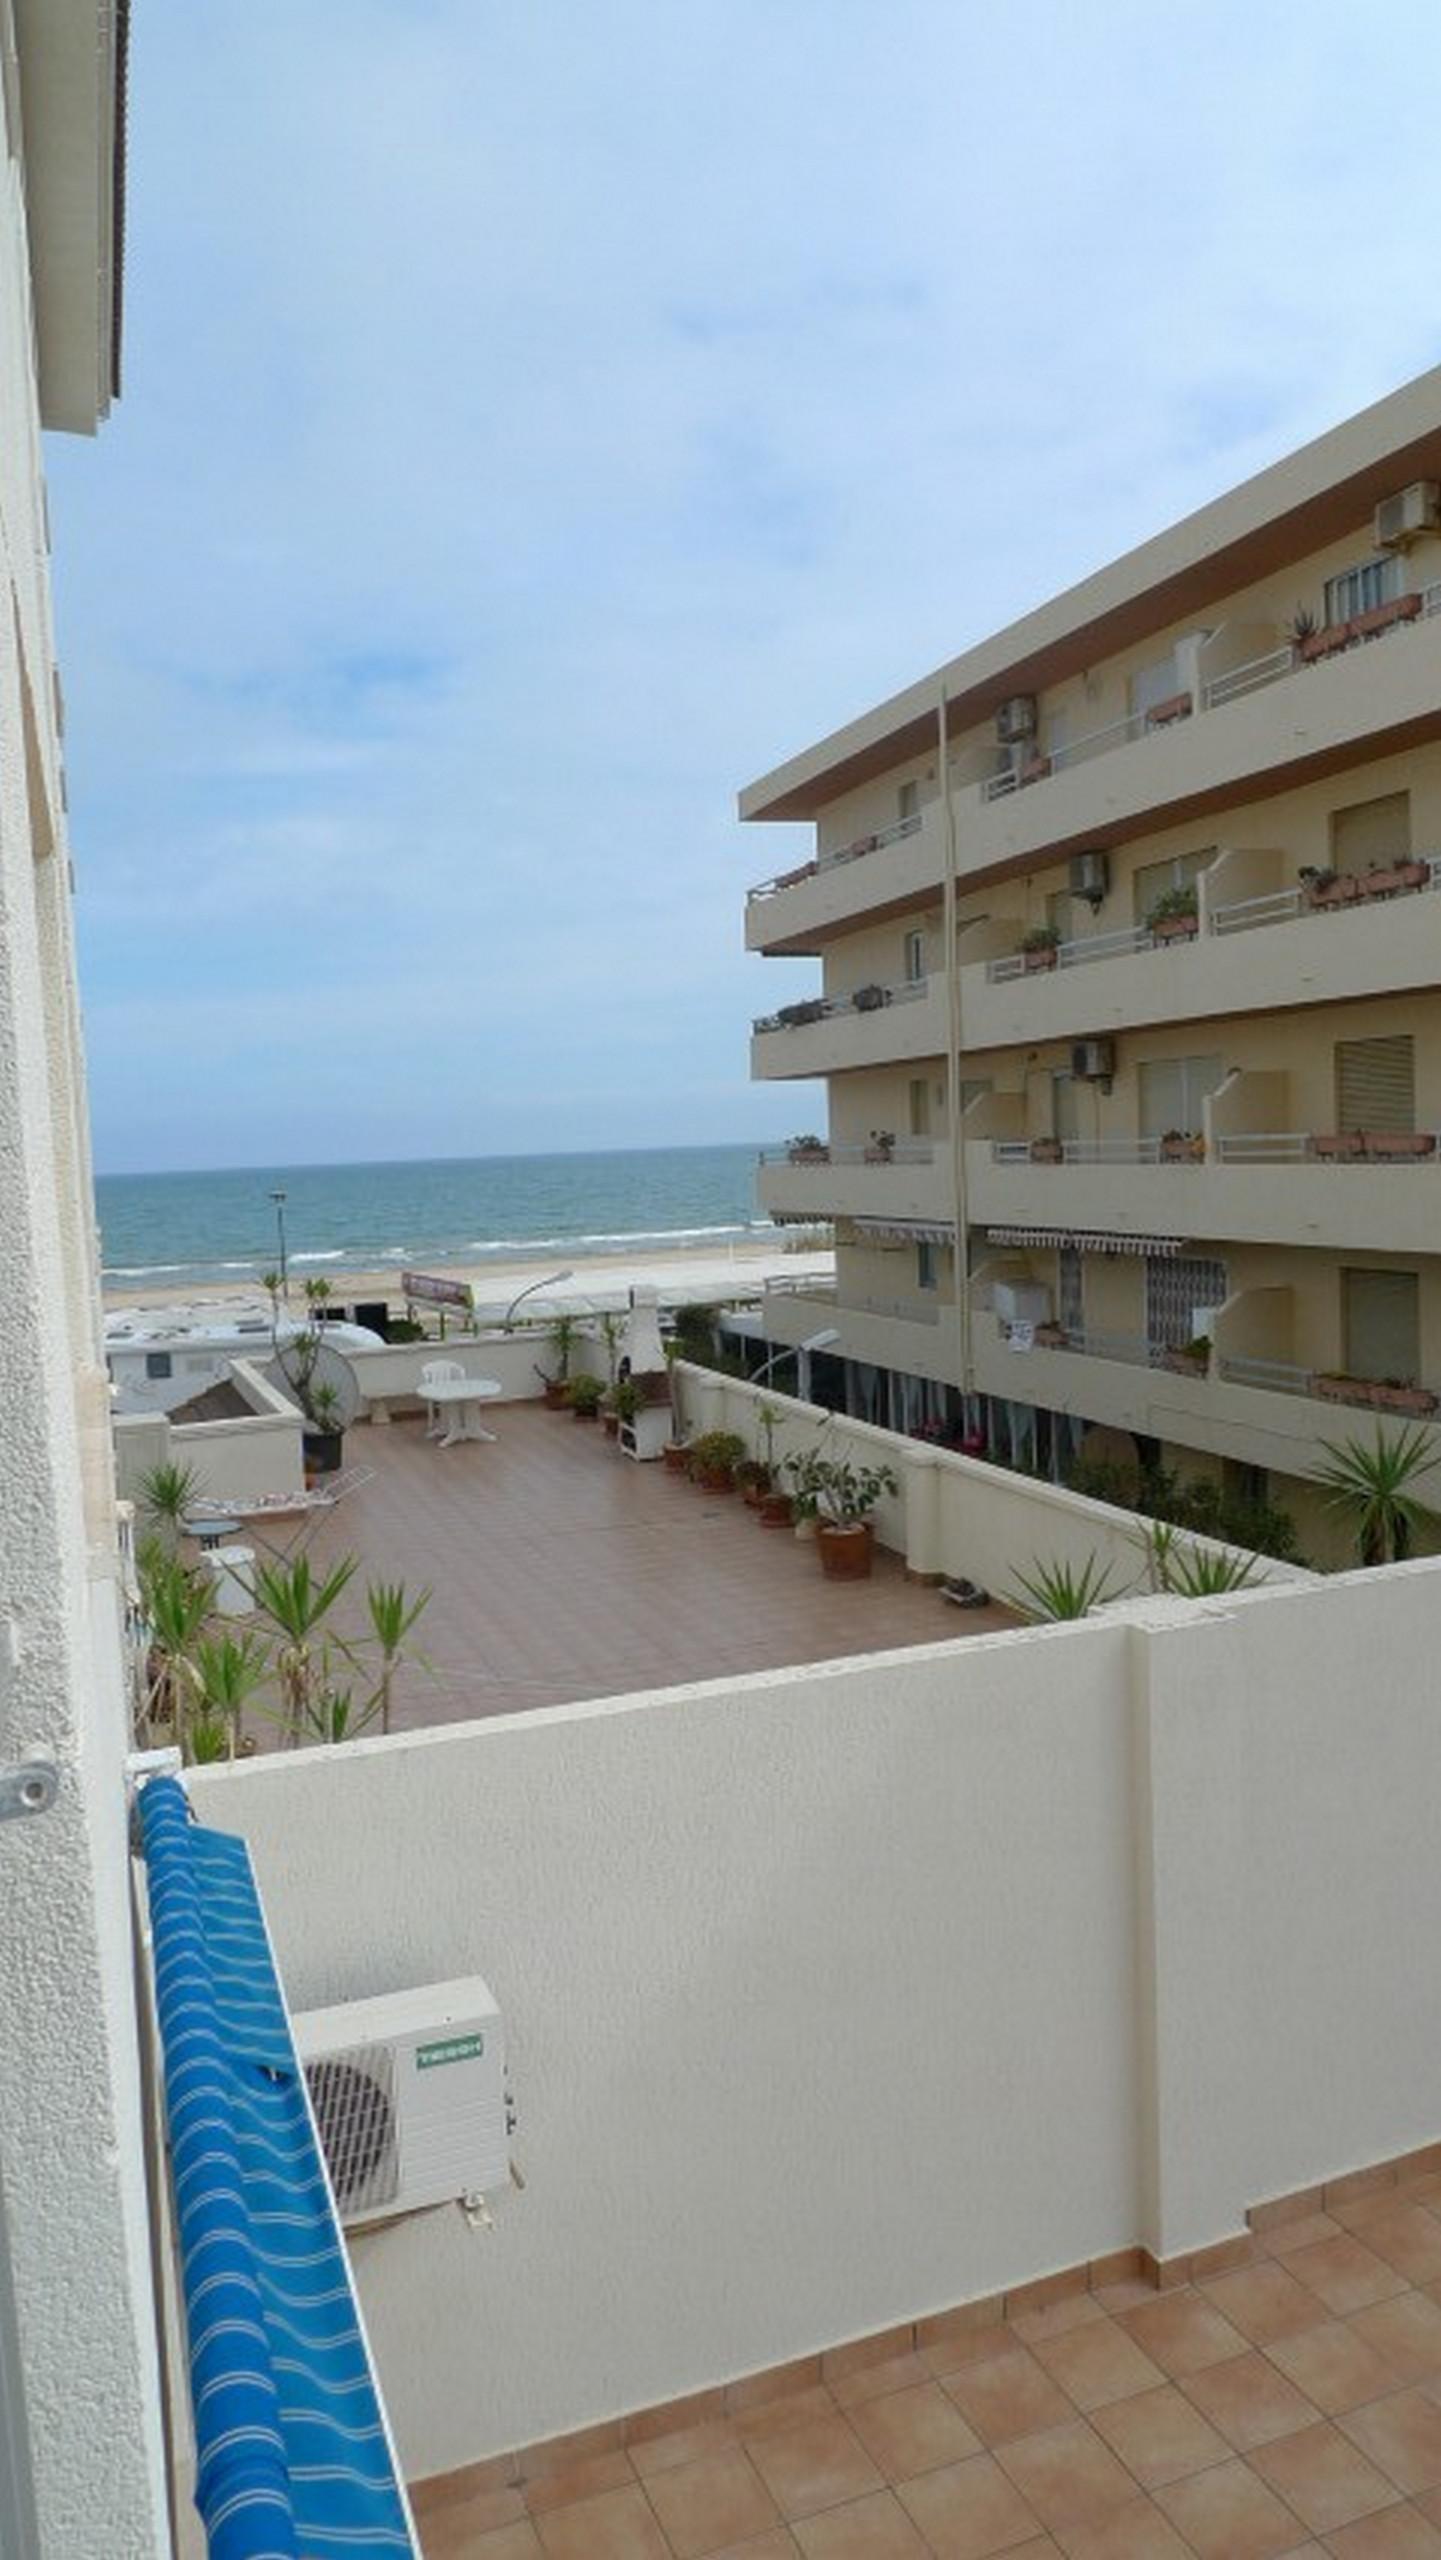 Apartamentos en alcoceber alcossebre irta playa 216 - Apartamentos en alcocebre ...